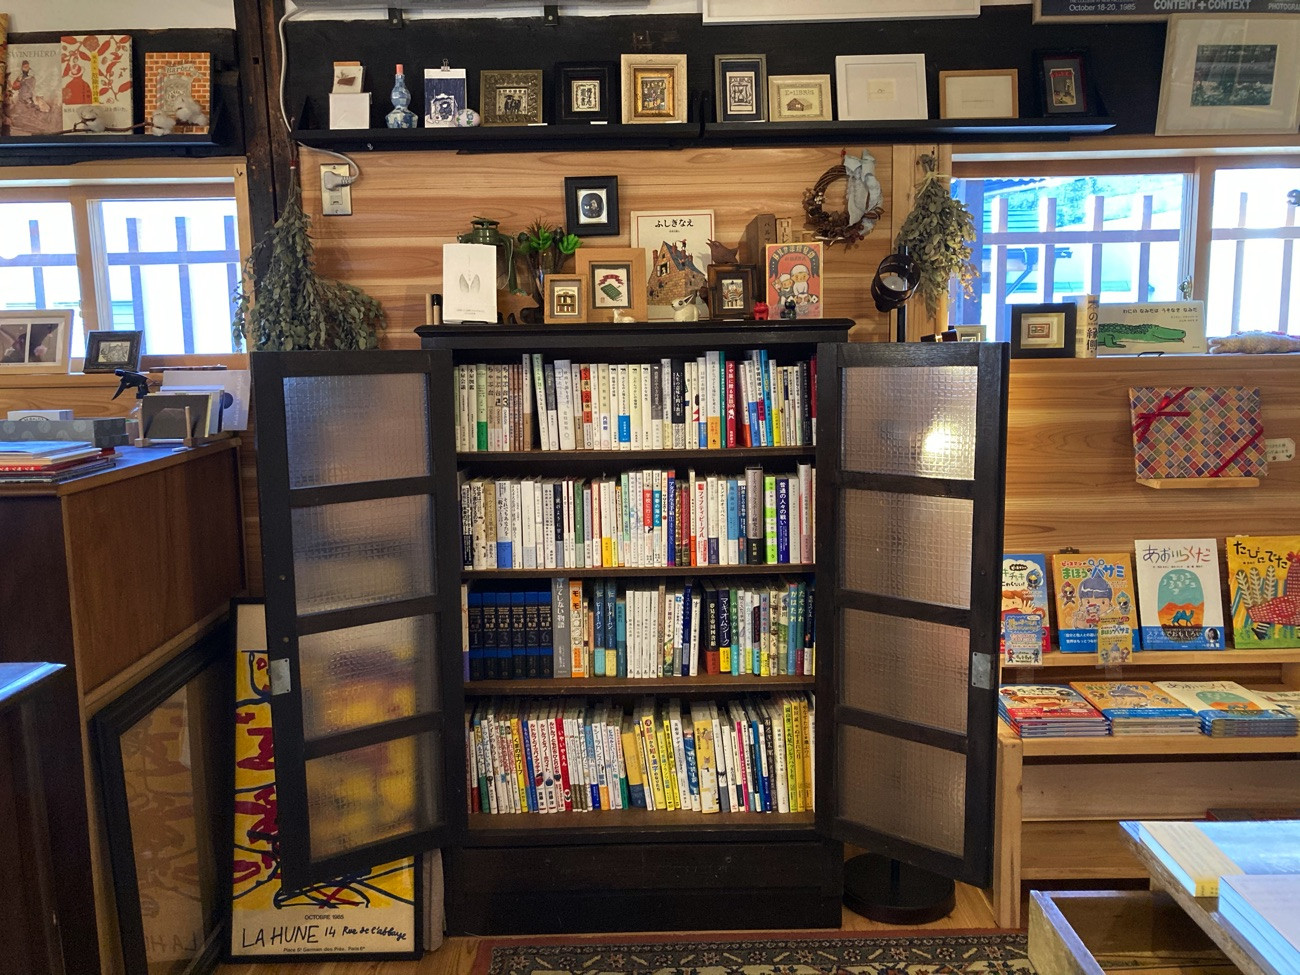 物置きに残されていたという本棚